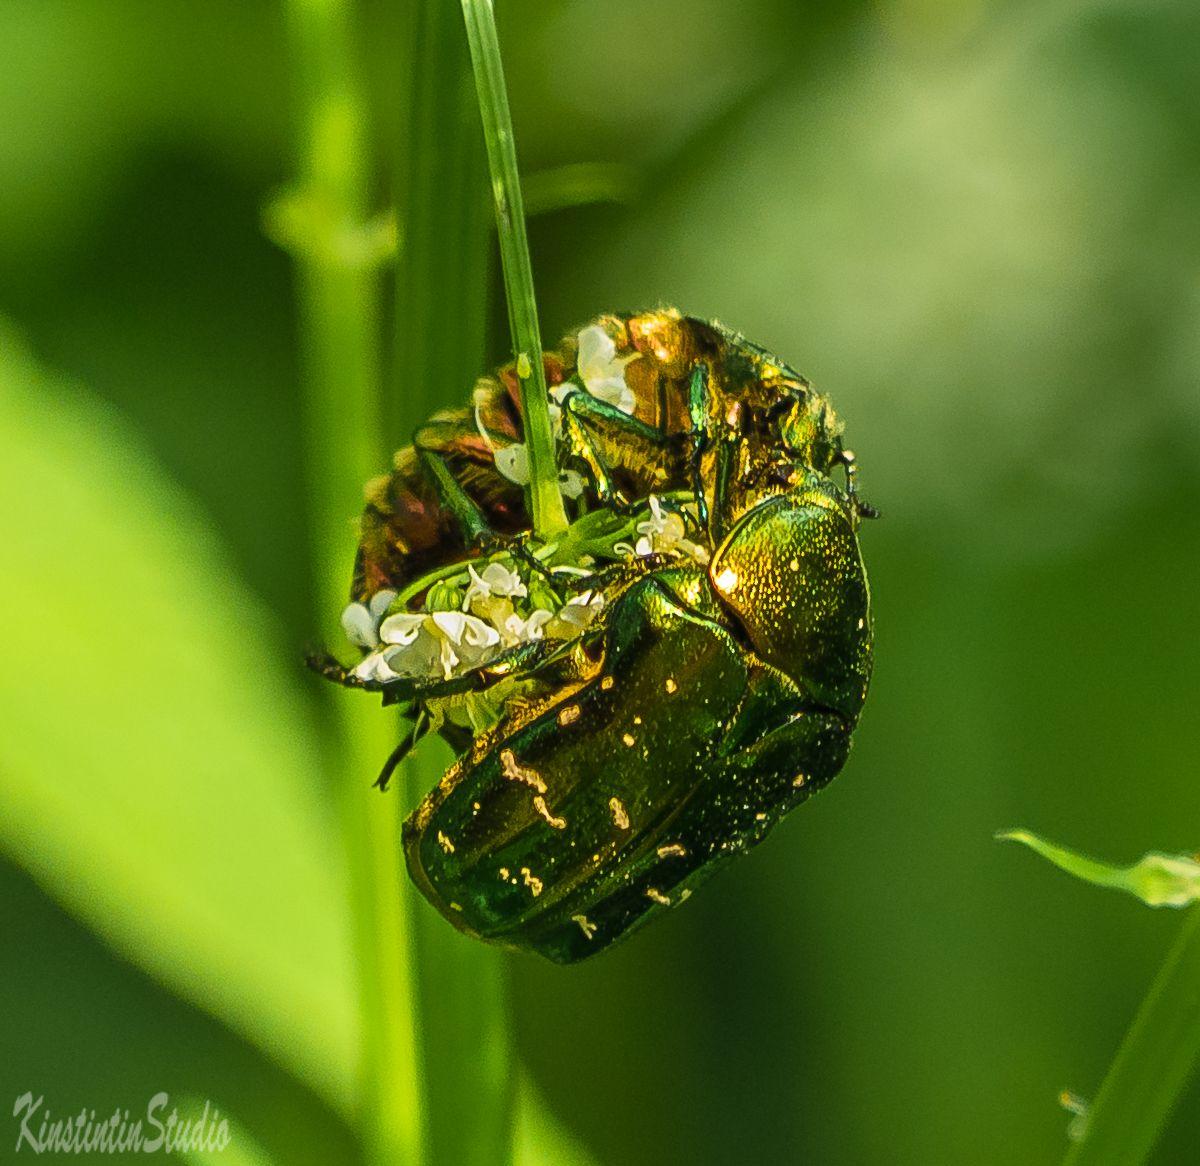 Жуки..Симметрия! жук симметрия весна май